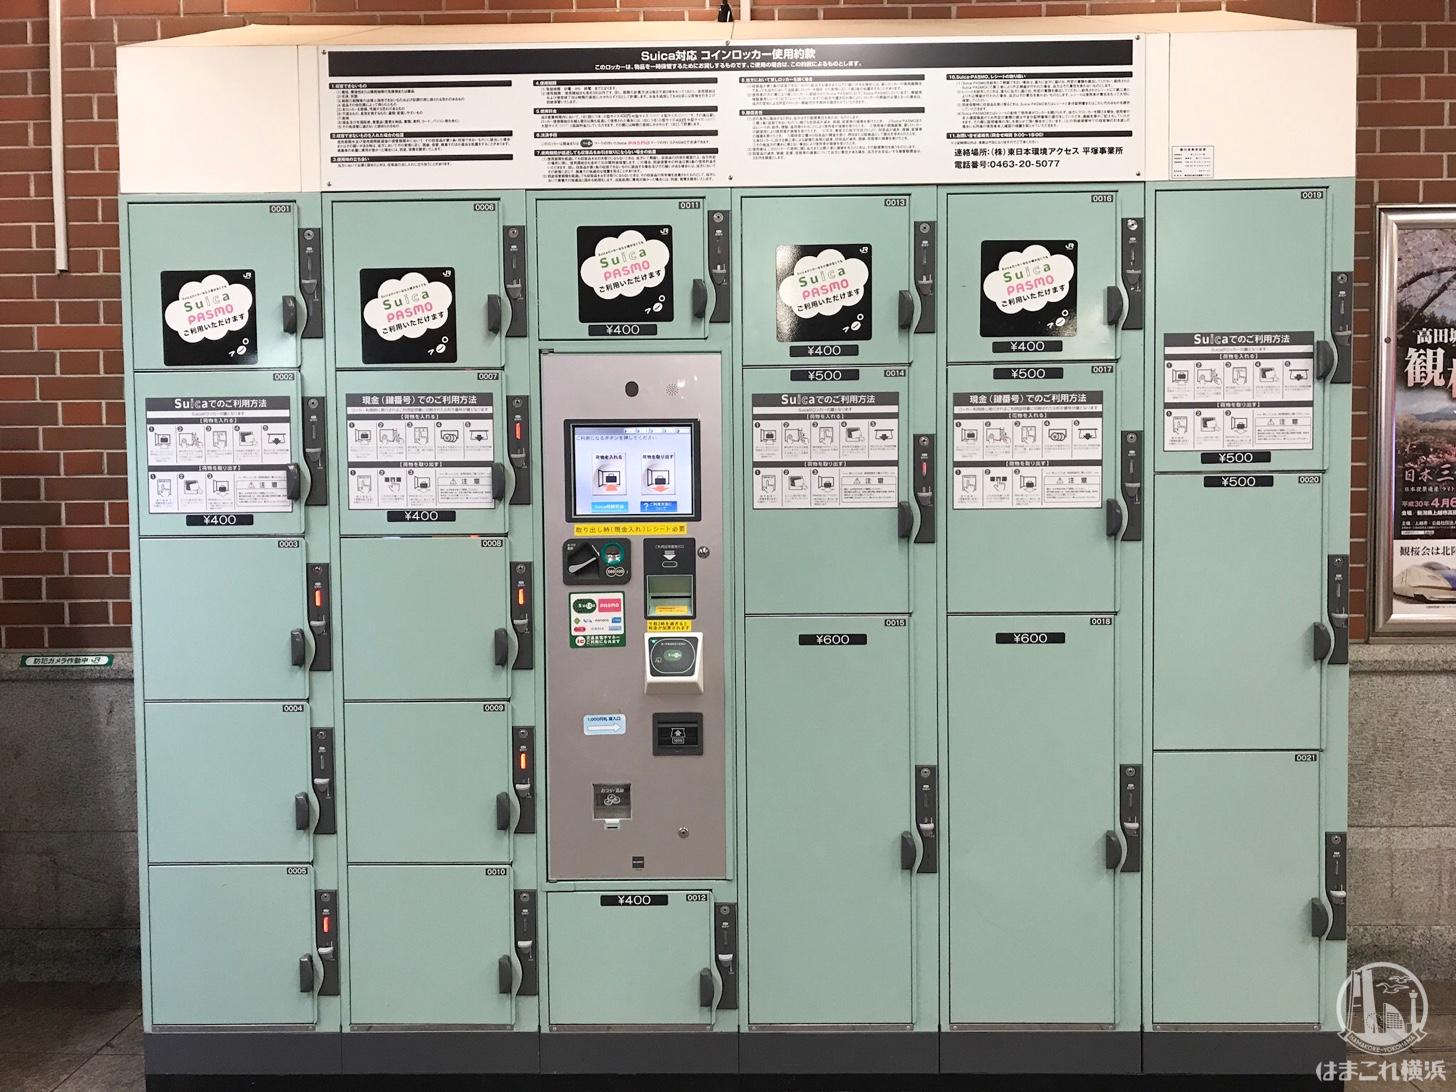 横浜駅 JR改札内のコインロッカー(中央・北・南改札)の場所・サイズ・料金まとめ